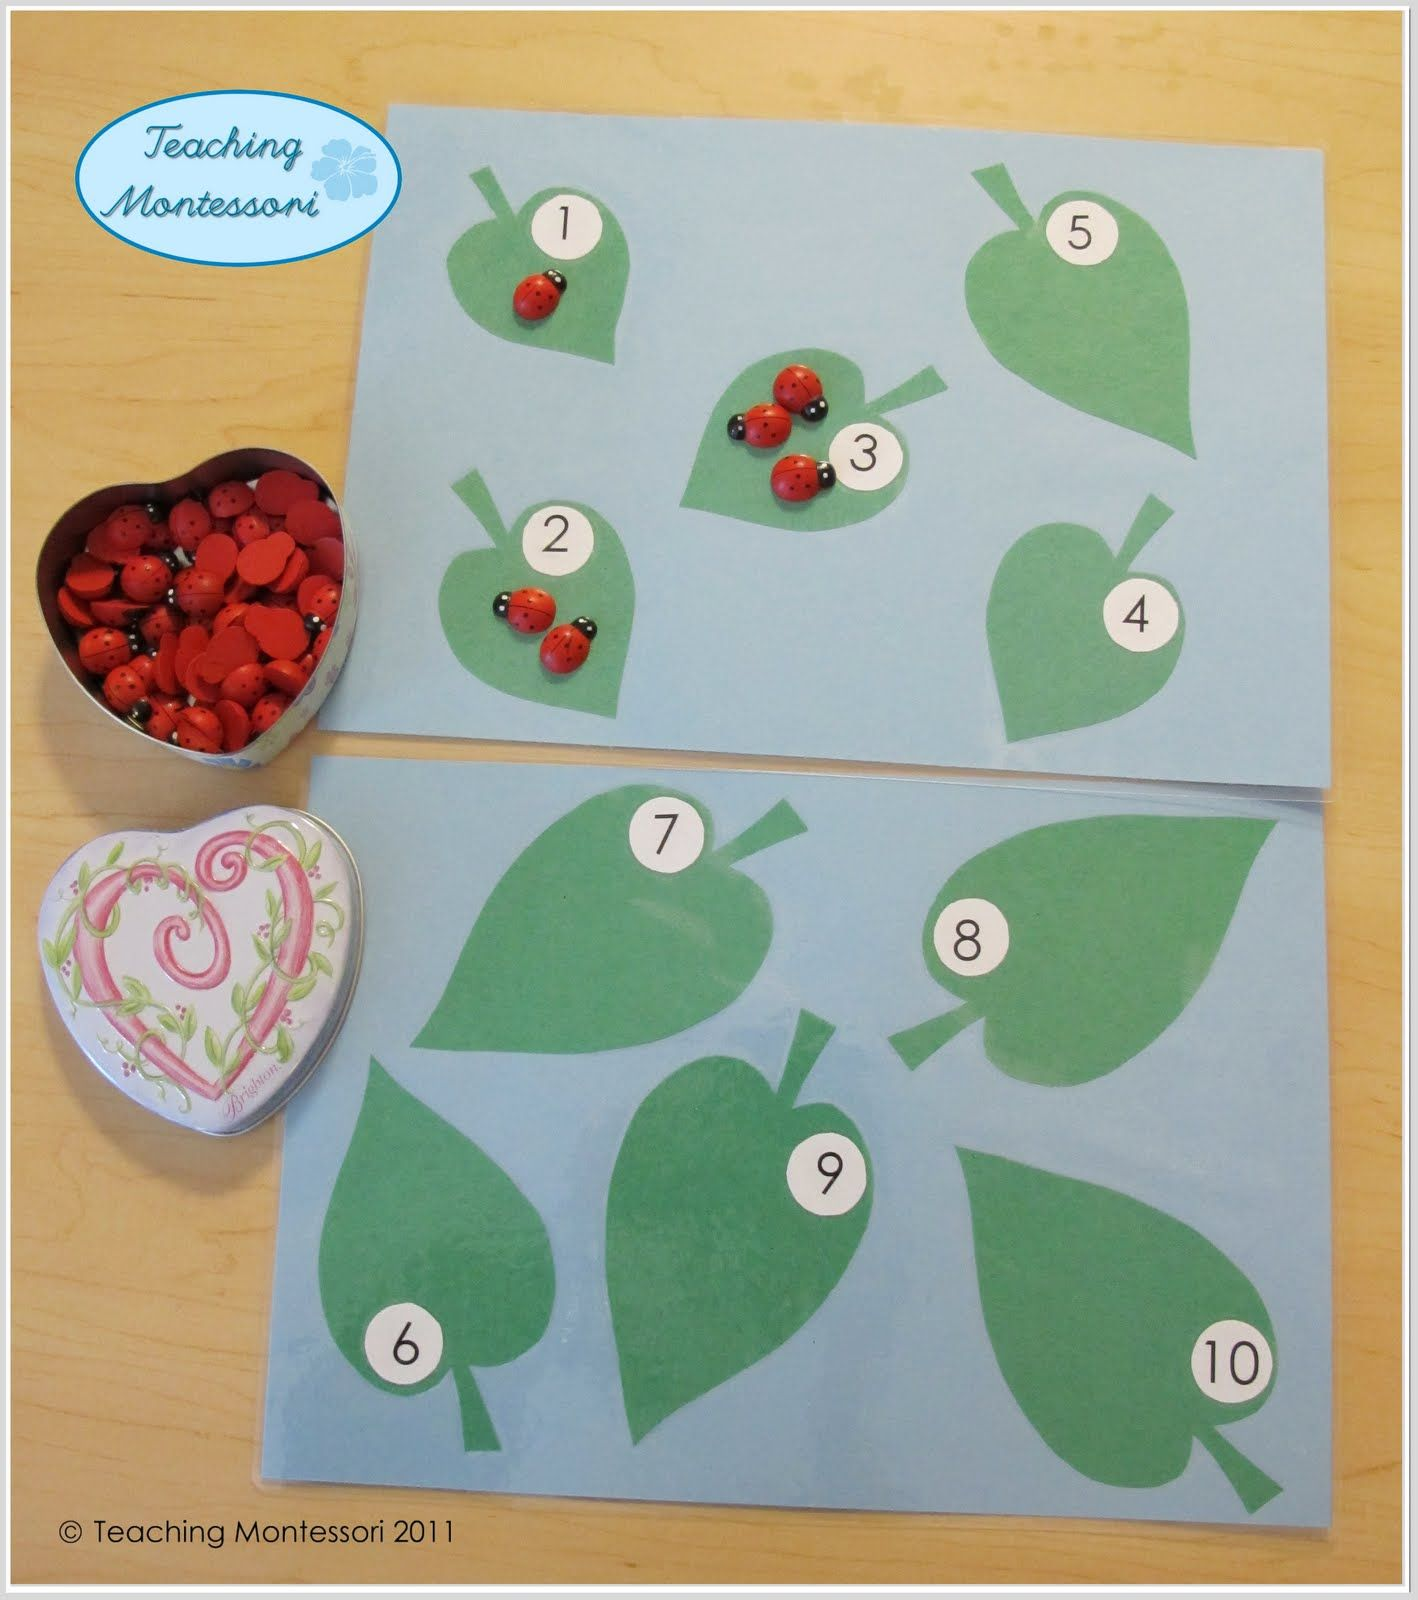 Teaching Montessori